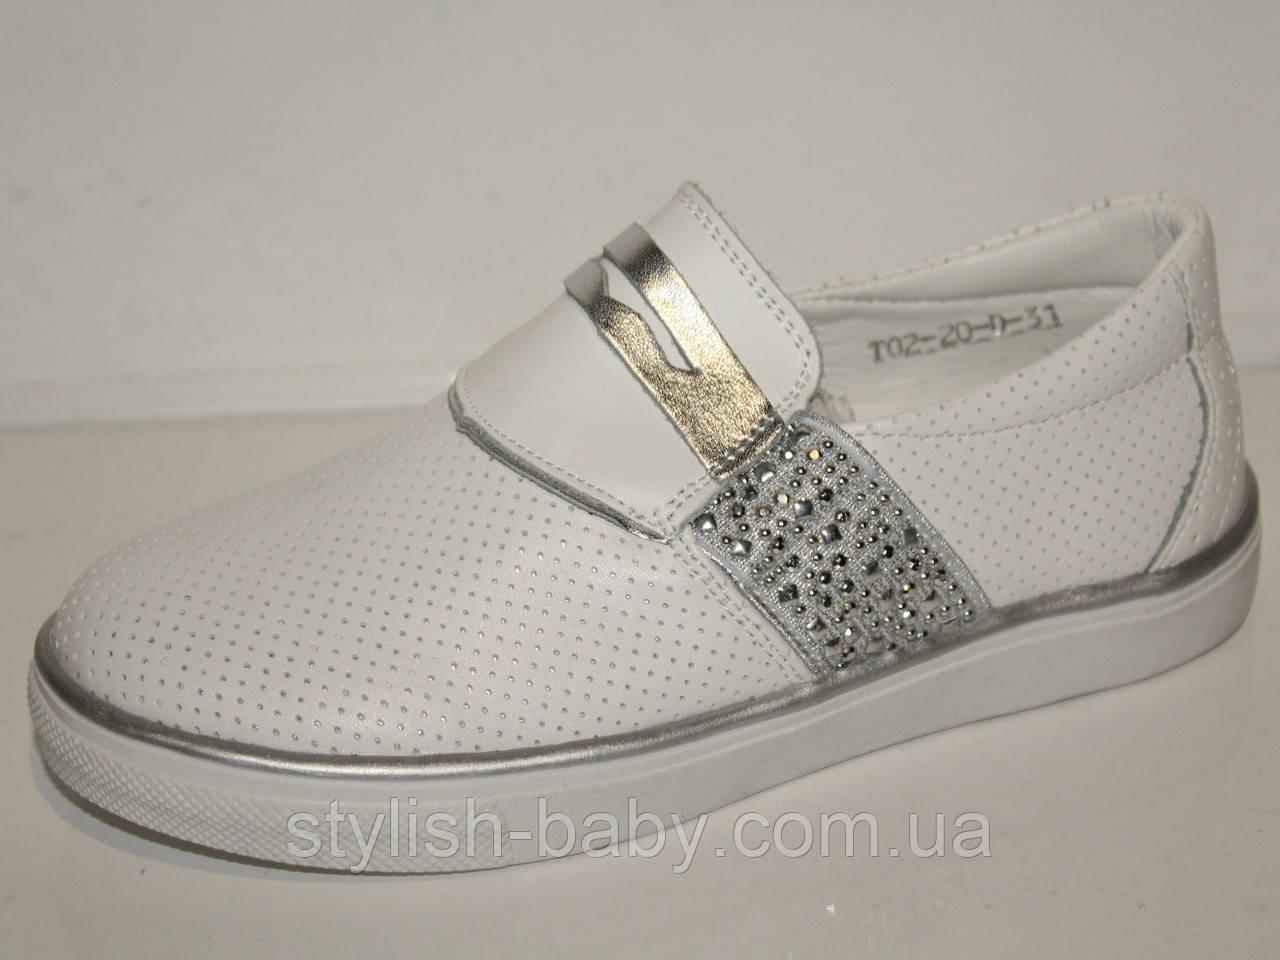 Детская обувь оптом.  Детские модные кеды бренда Tom.m (Boyang) для девочек (рр с 31 по 36)